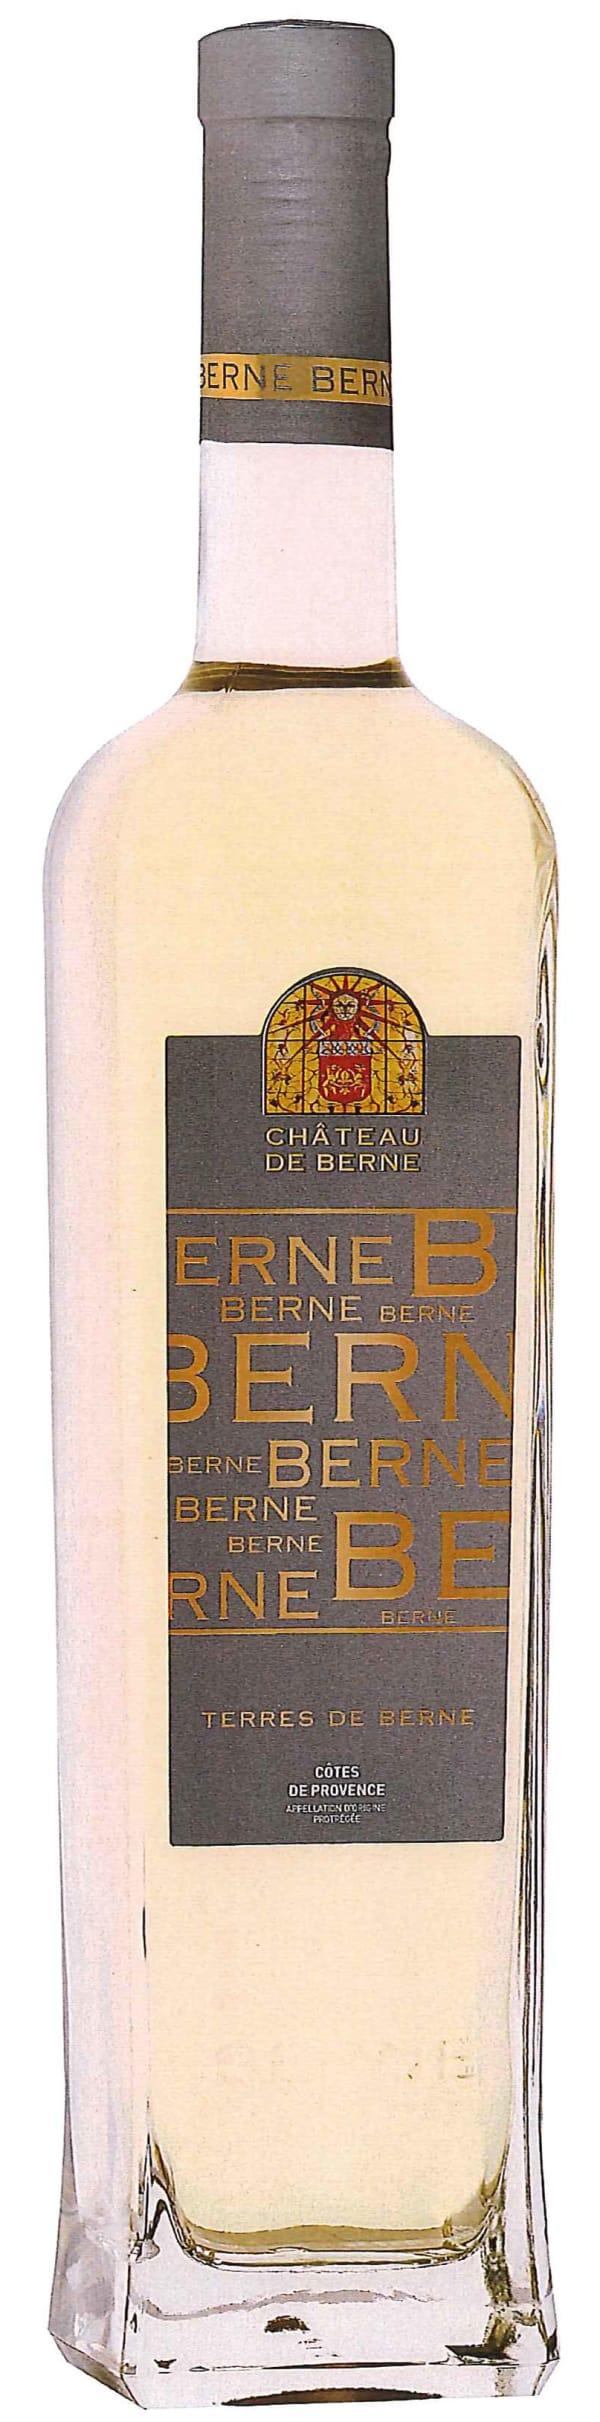 Terres de Berne Blanc 2016